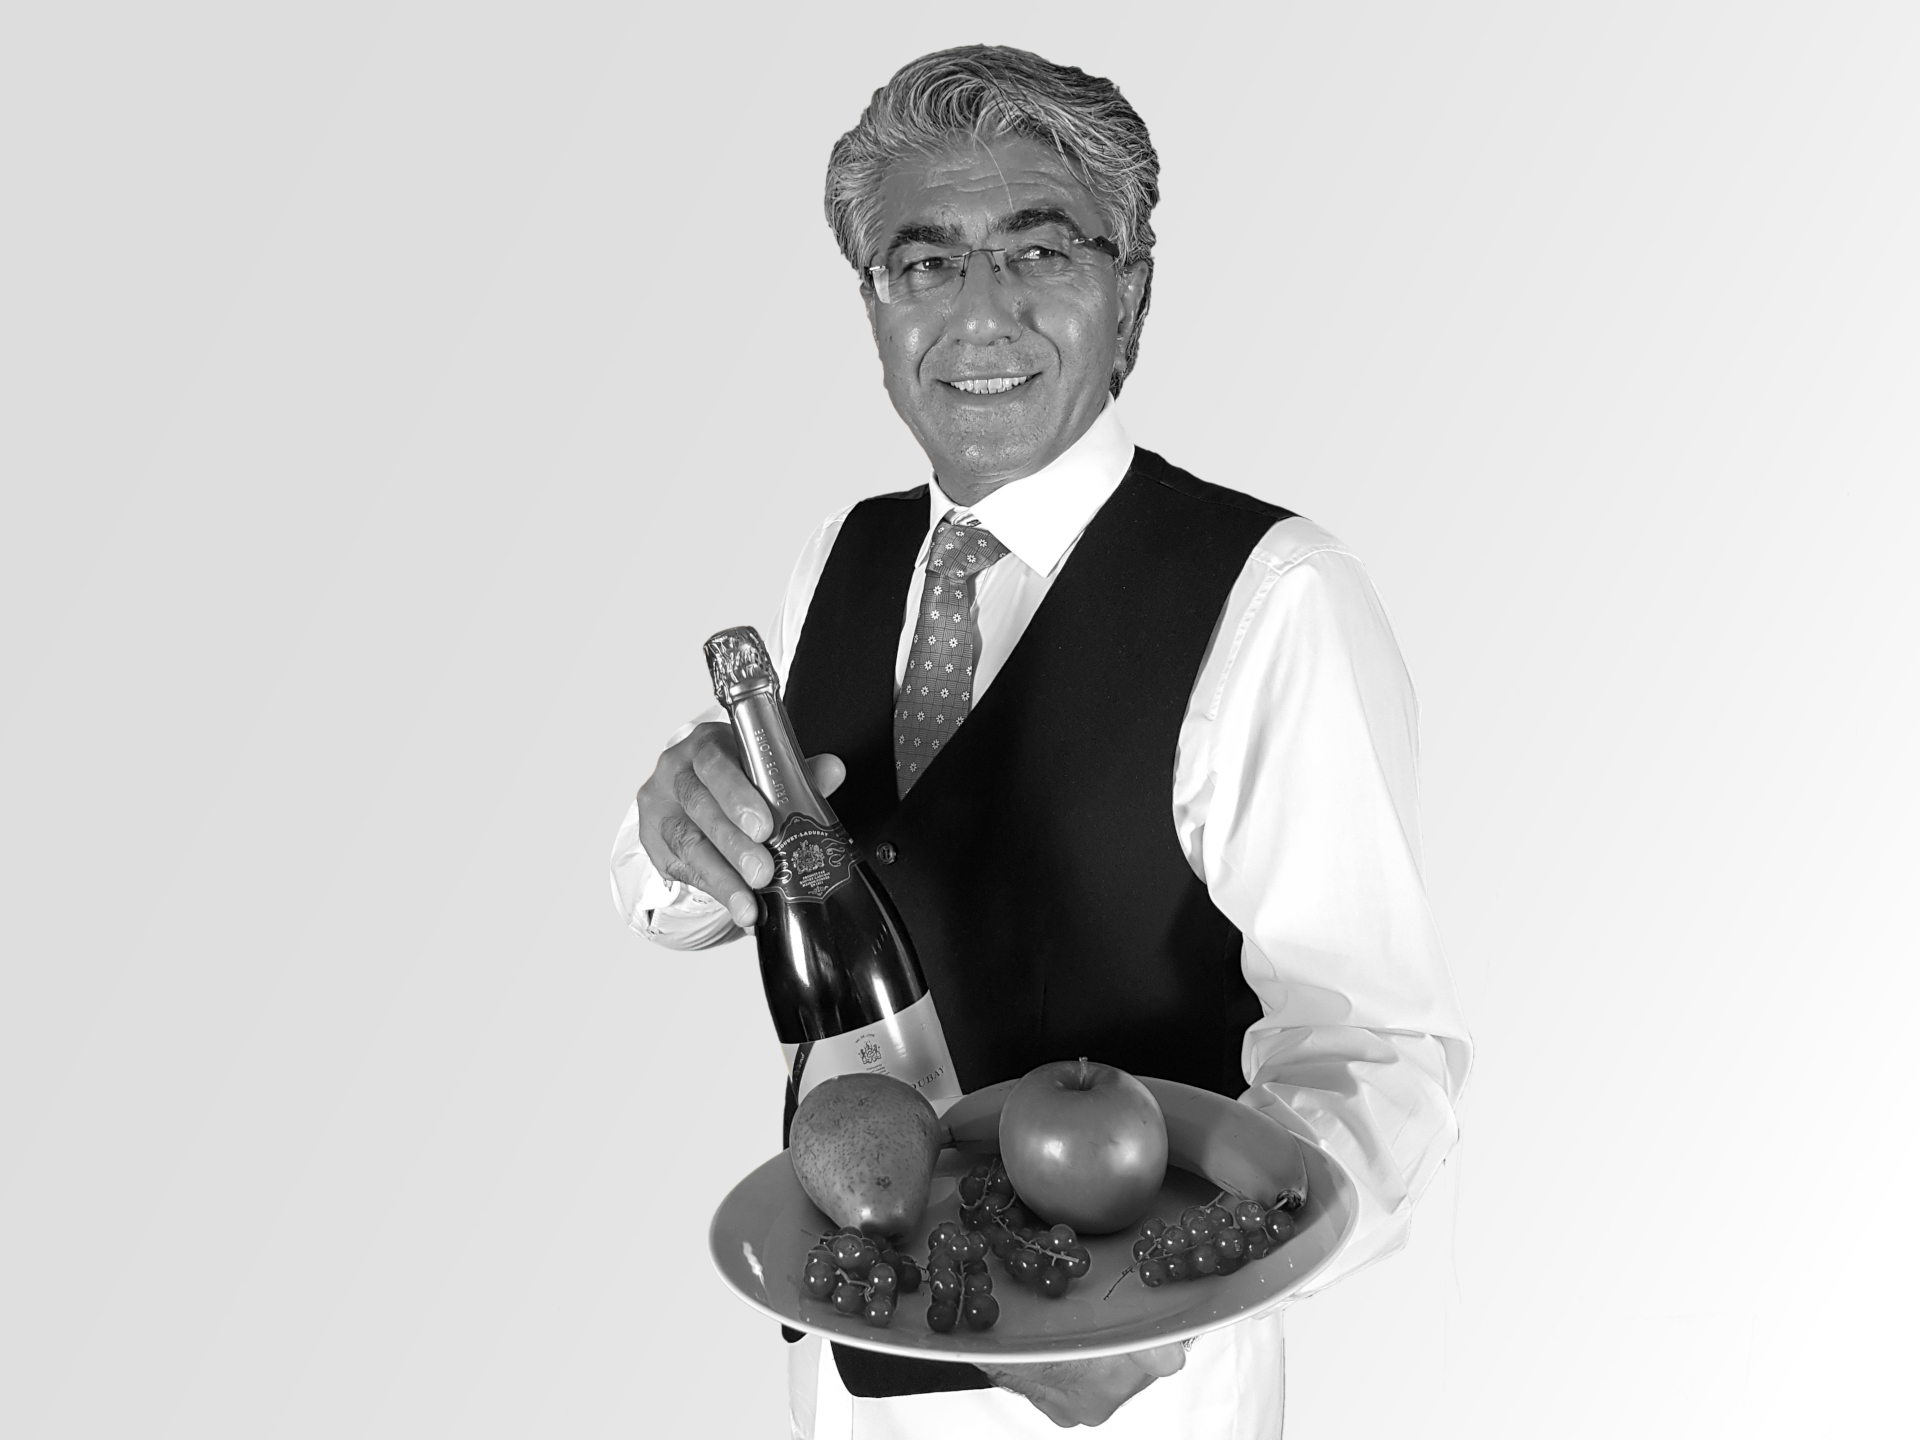 Walid mit Obstteller und Sektflasche